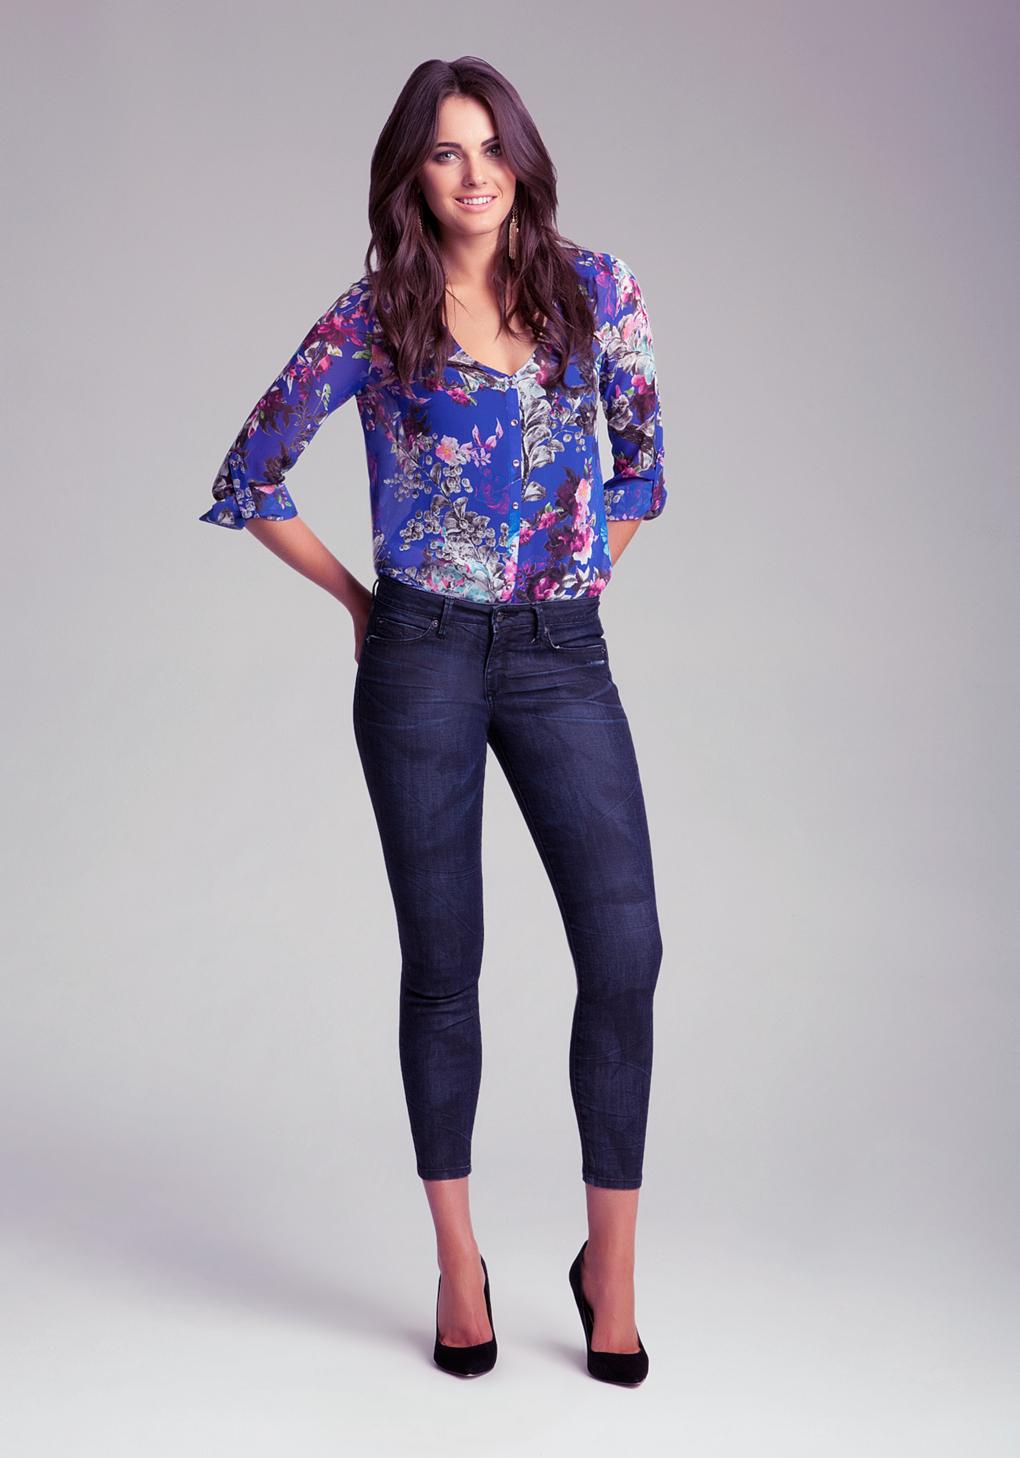 Bebe Back Zip Skinny Jeans In Denim  Blue